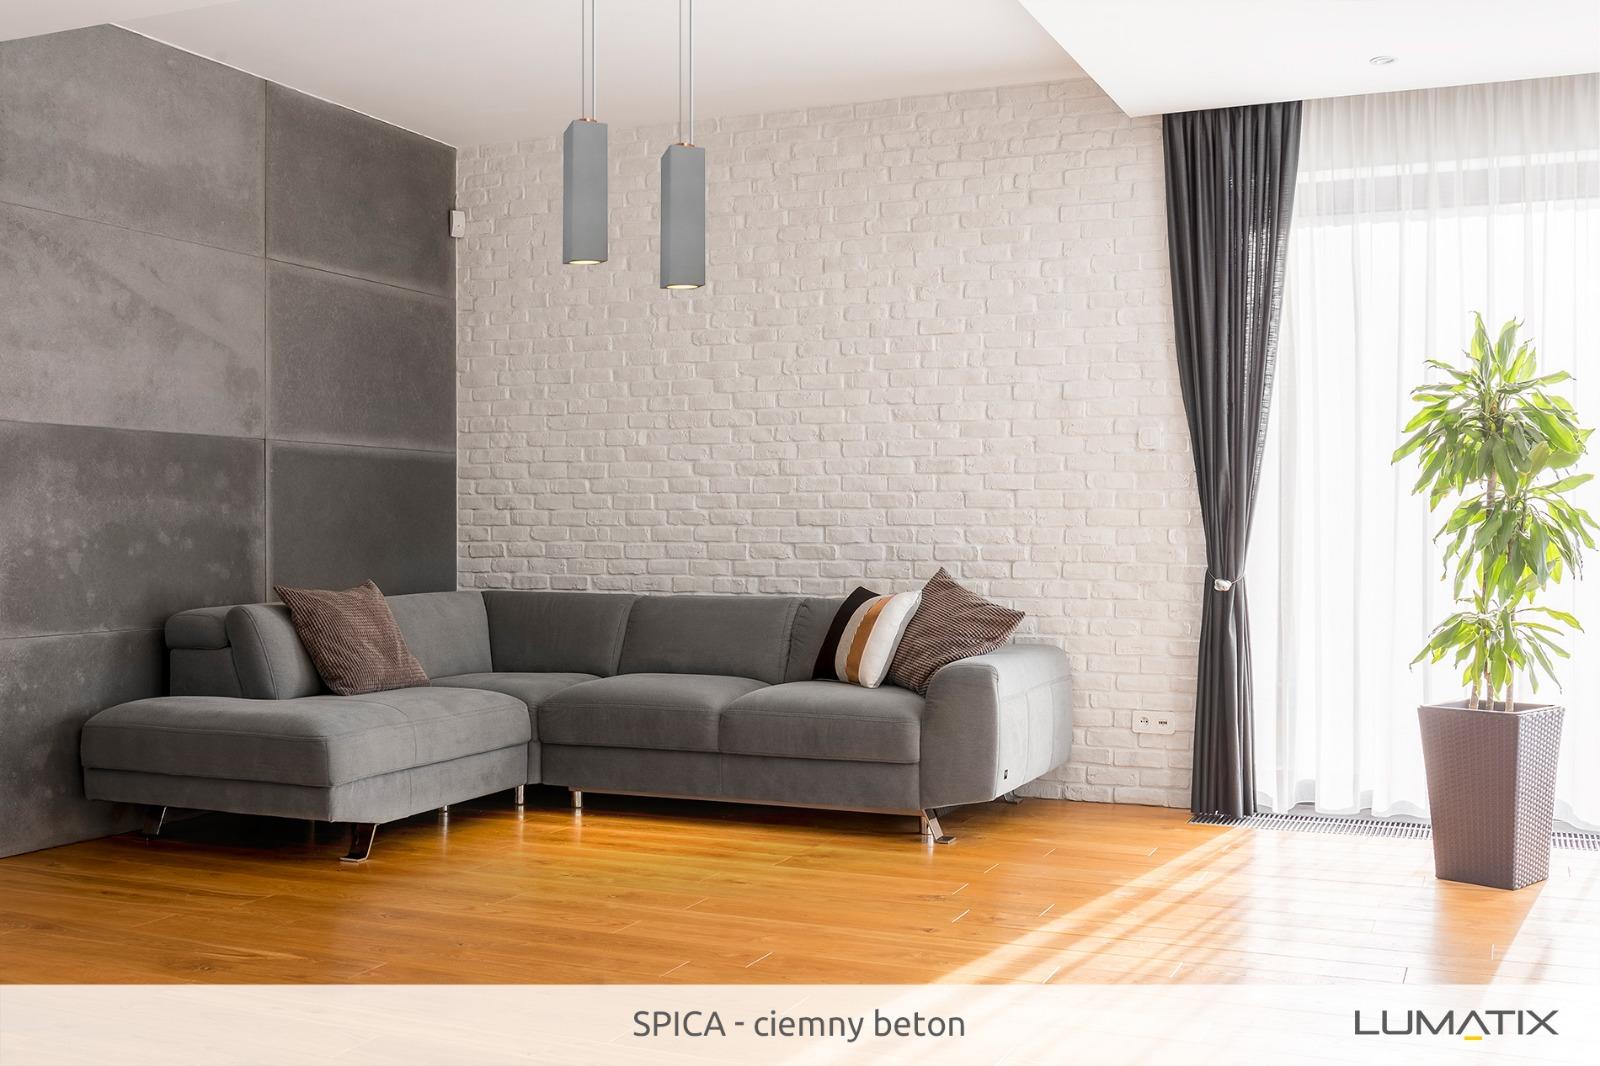 Aranżacje: Lumatix Spica ciemny szary beton